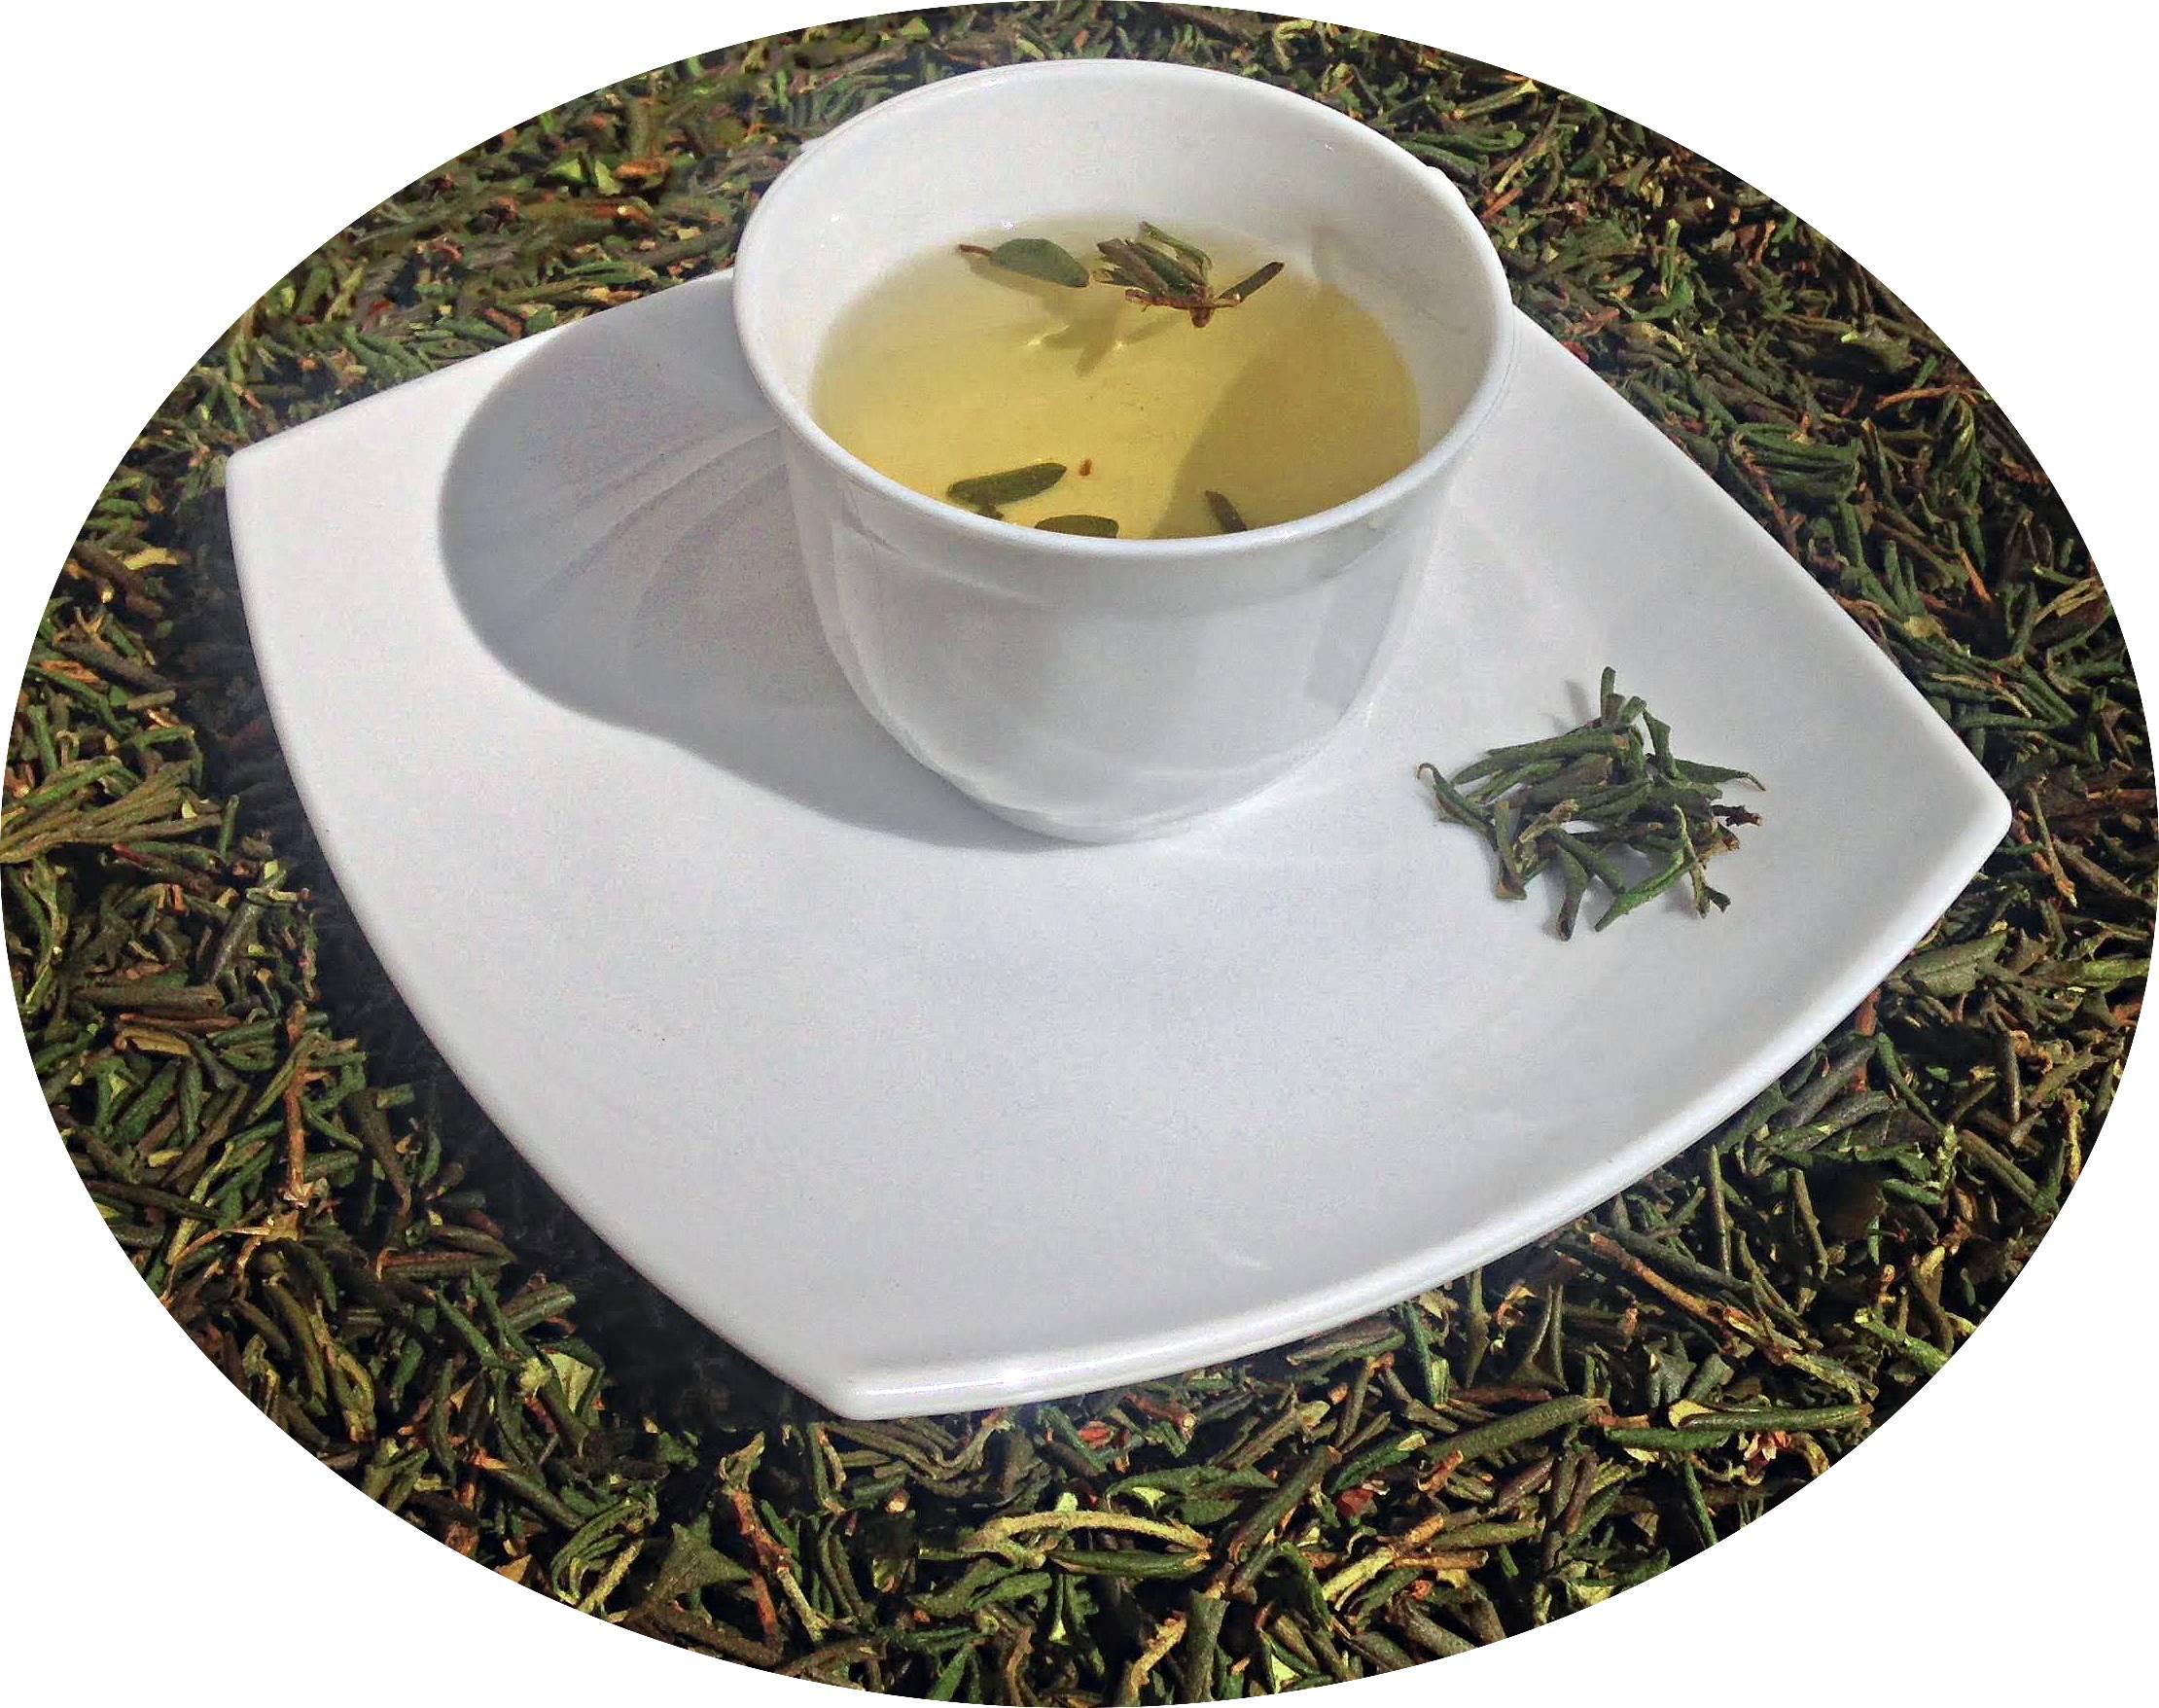 Саган-дайля: полезные свойства и противопоказания, как заваривать травяной чай и отзывы о лекарственной траве